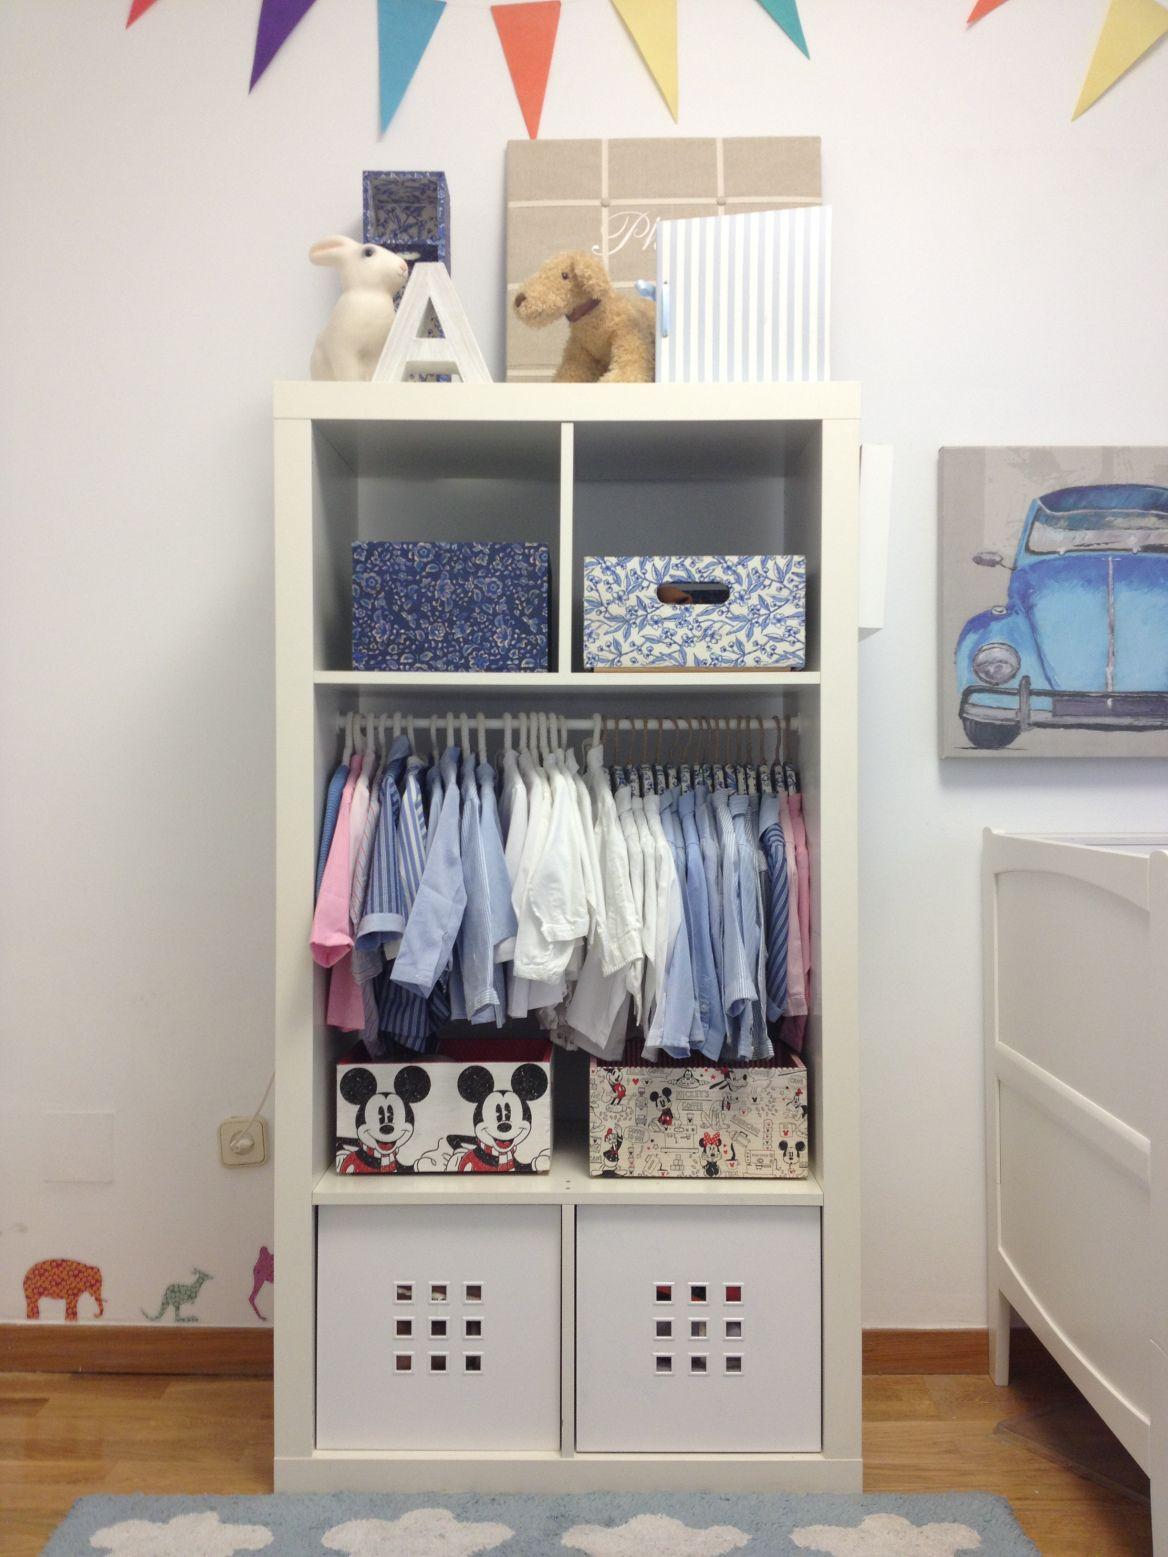 Expedit de Ikea en habitaciones de niños | Ikea, Estanterías y ...